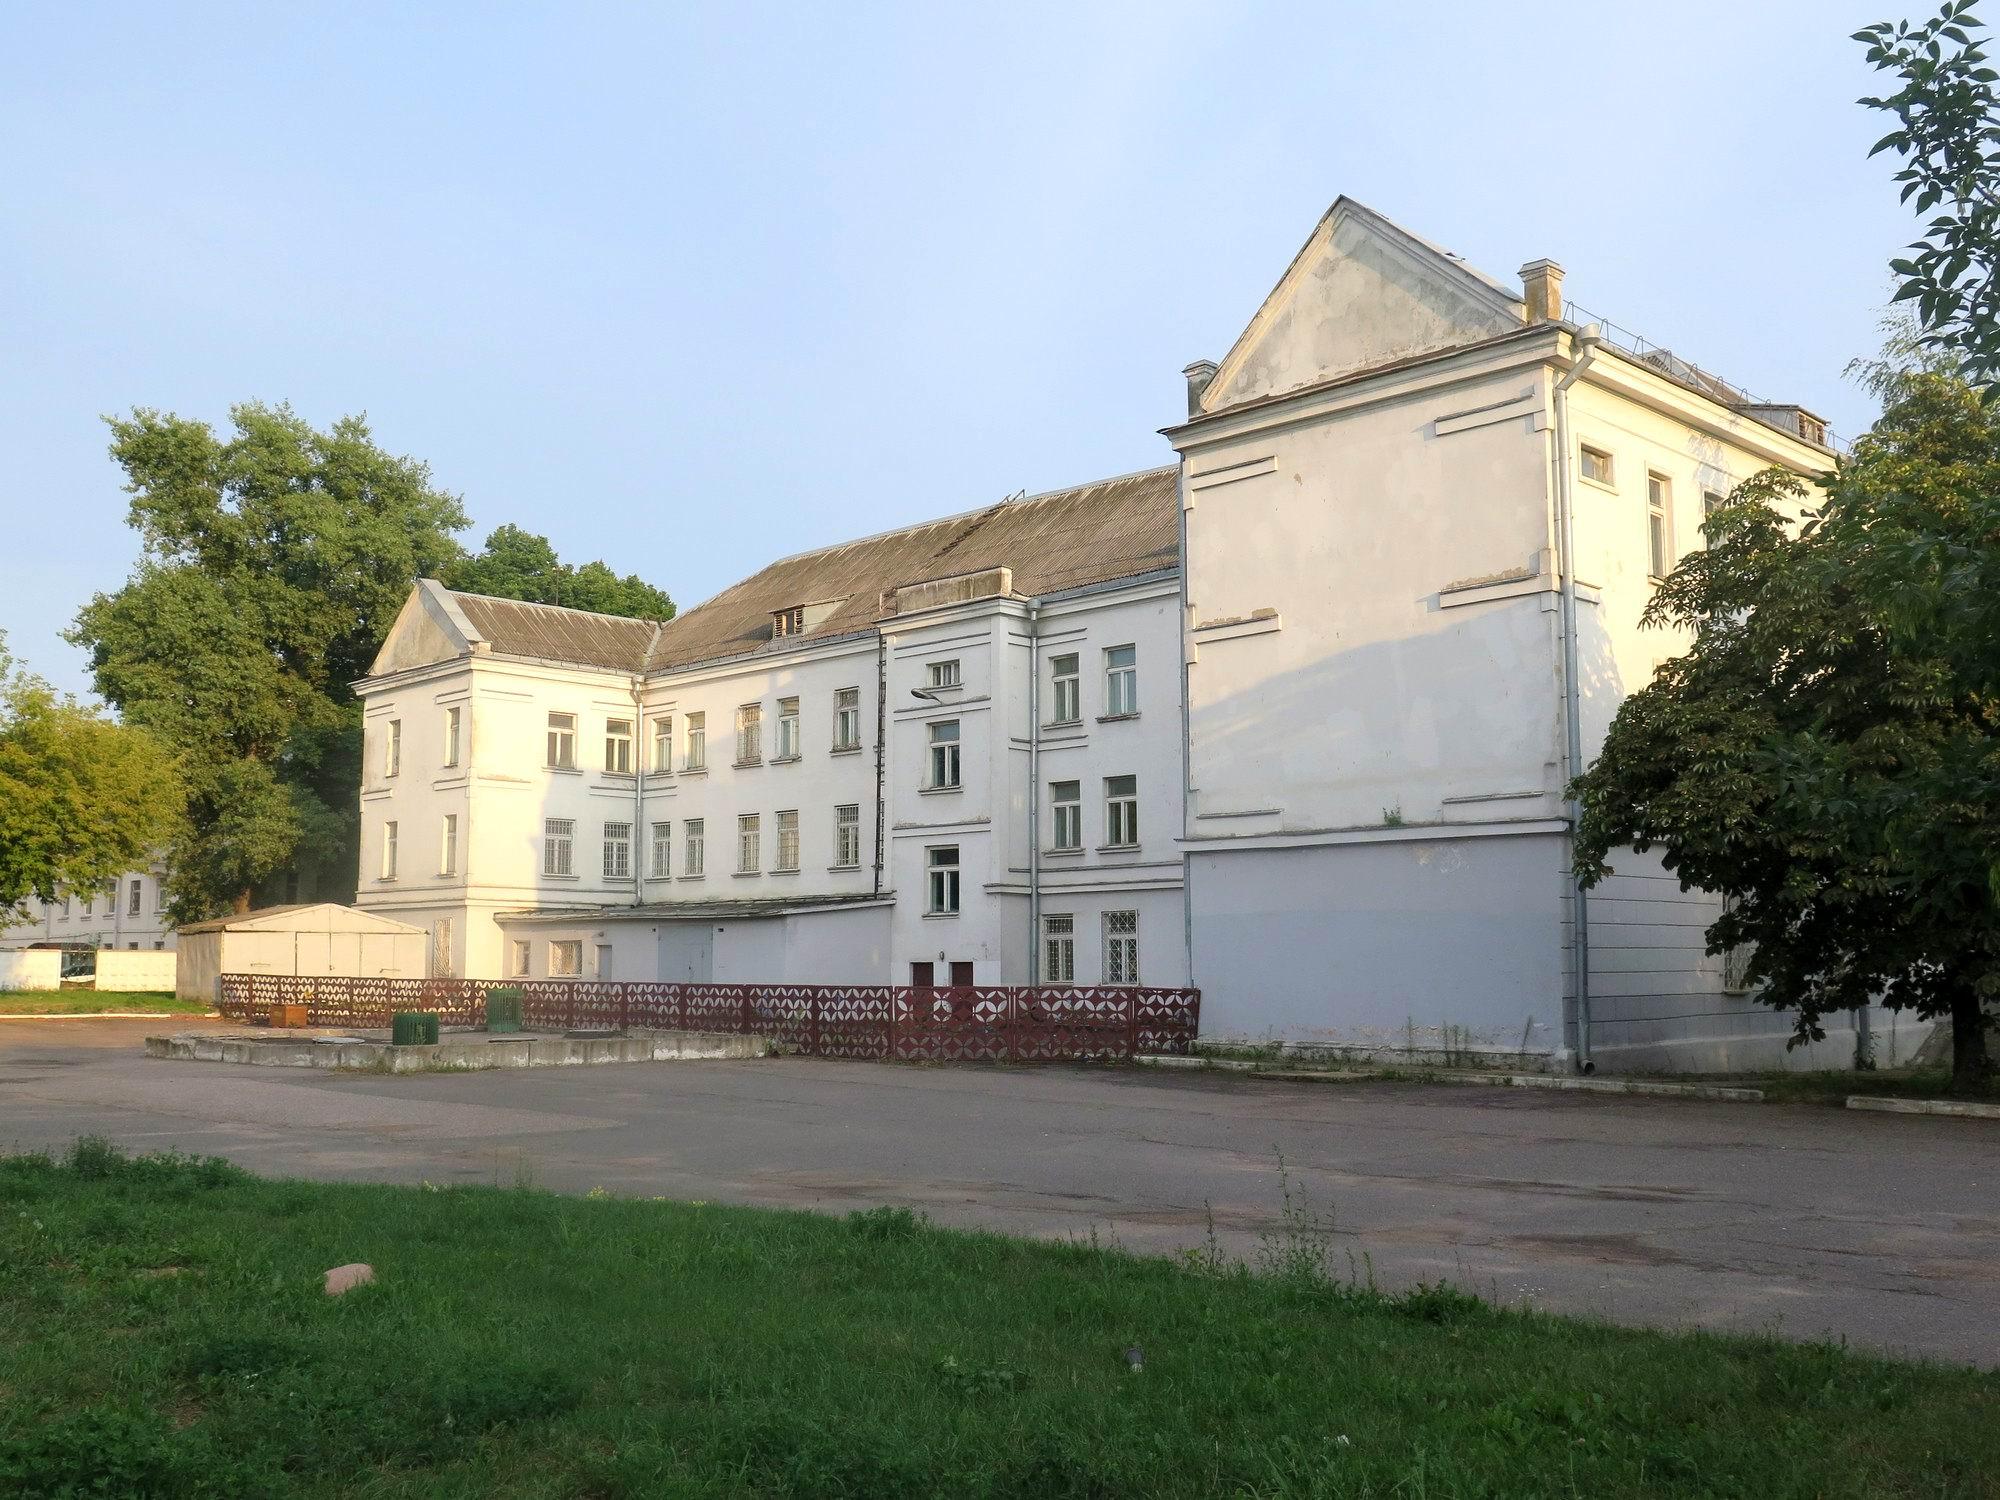 Минск, Аранская 9, вид со двора